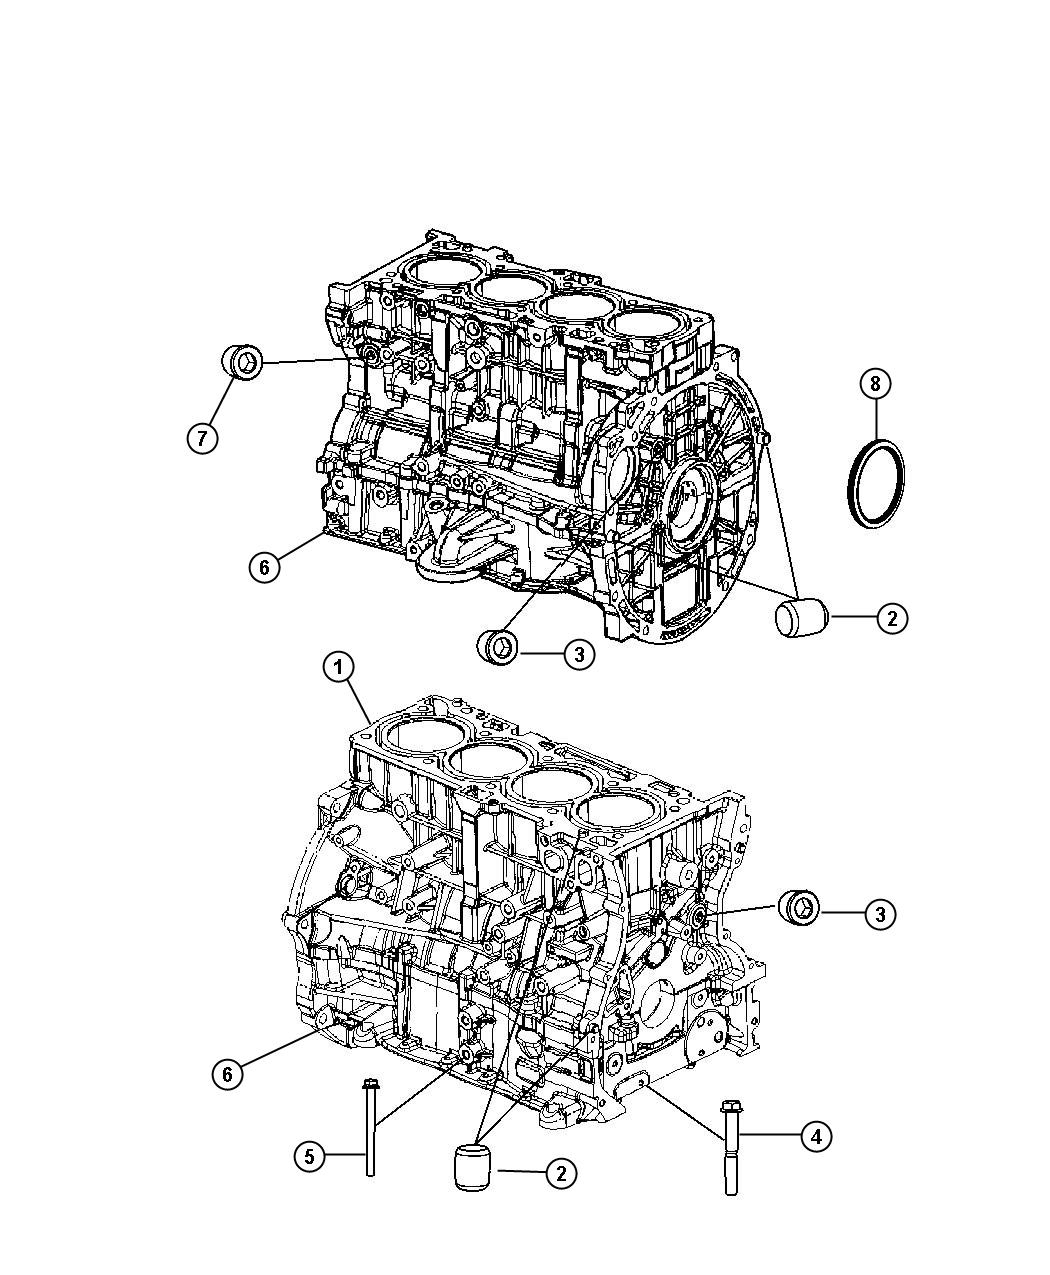 Chrysler 200 Engine Short Block